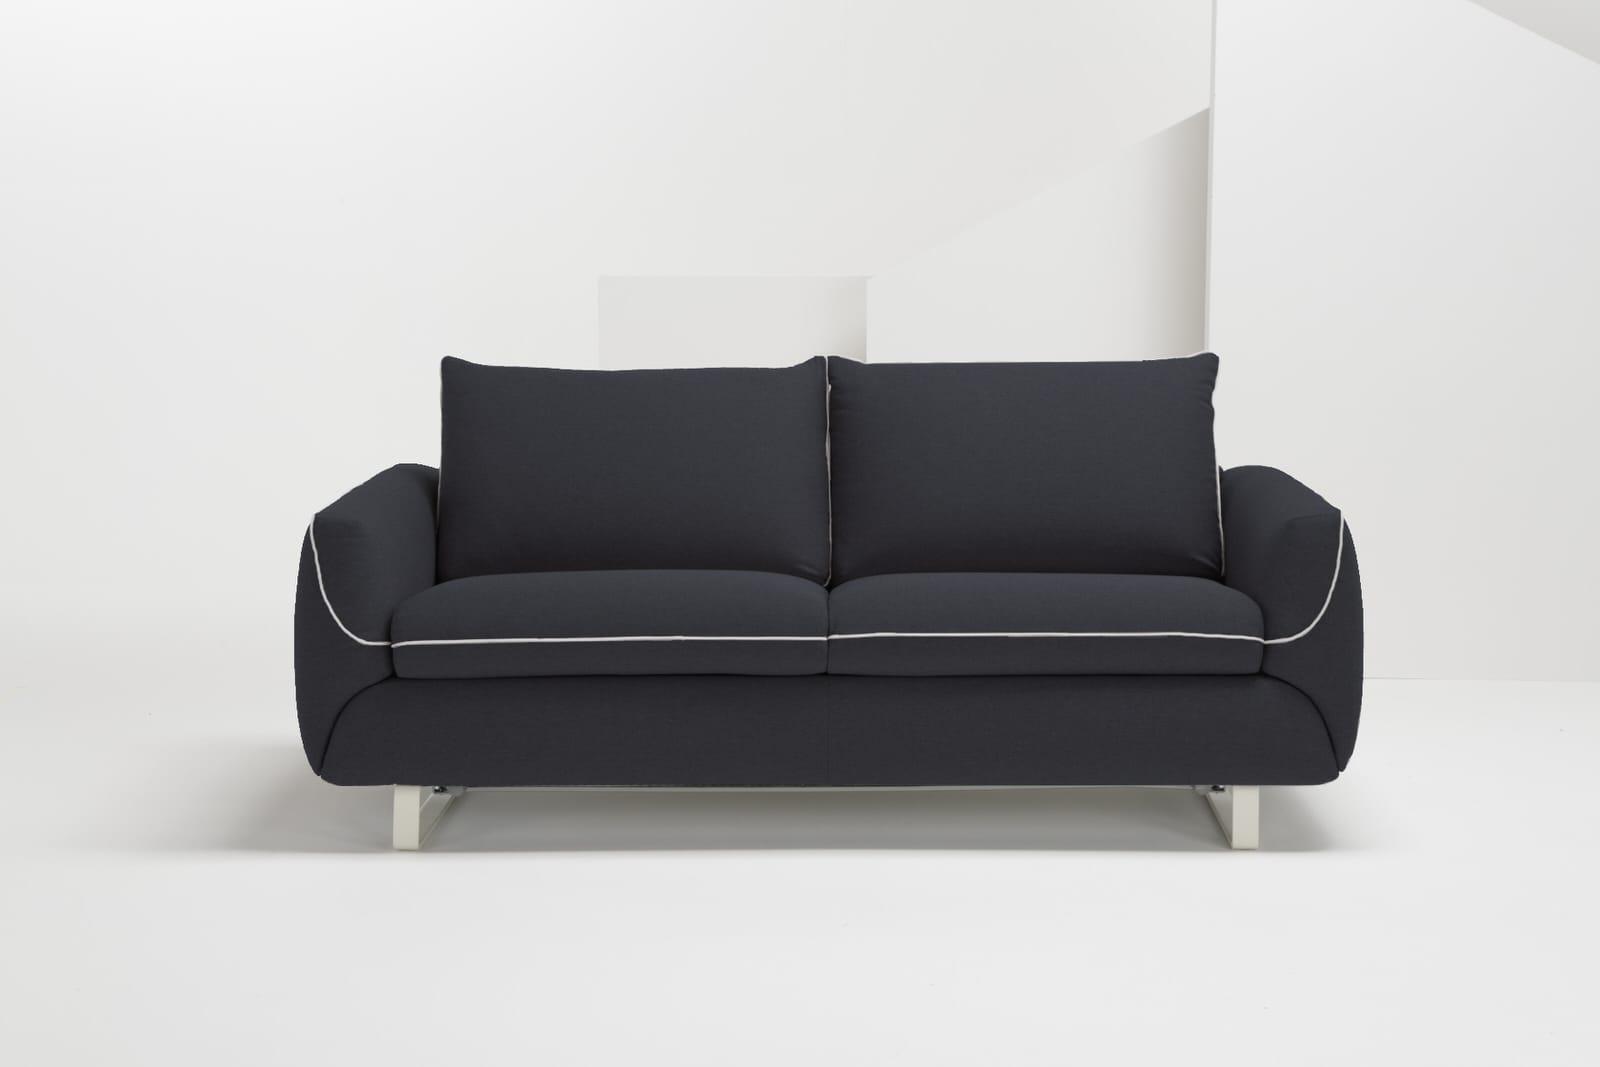 Maestro Dark Grey Queen Sofa Bed By Pezzan Furniture